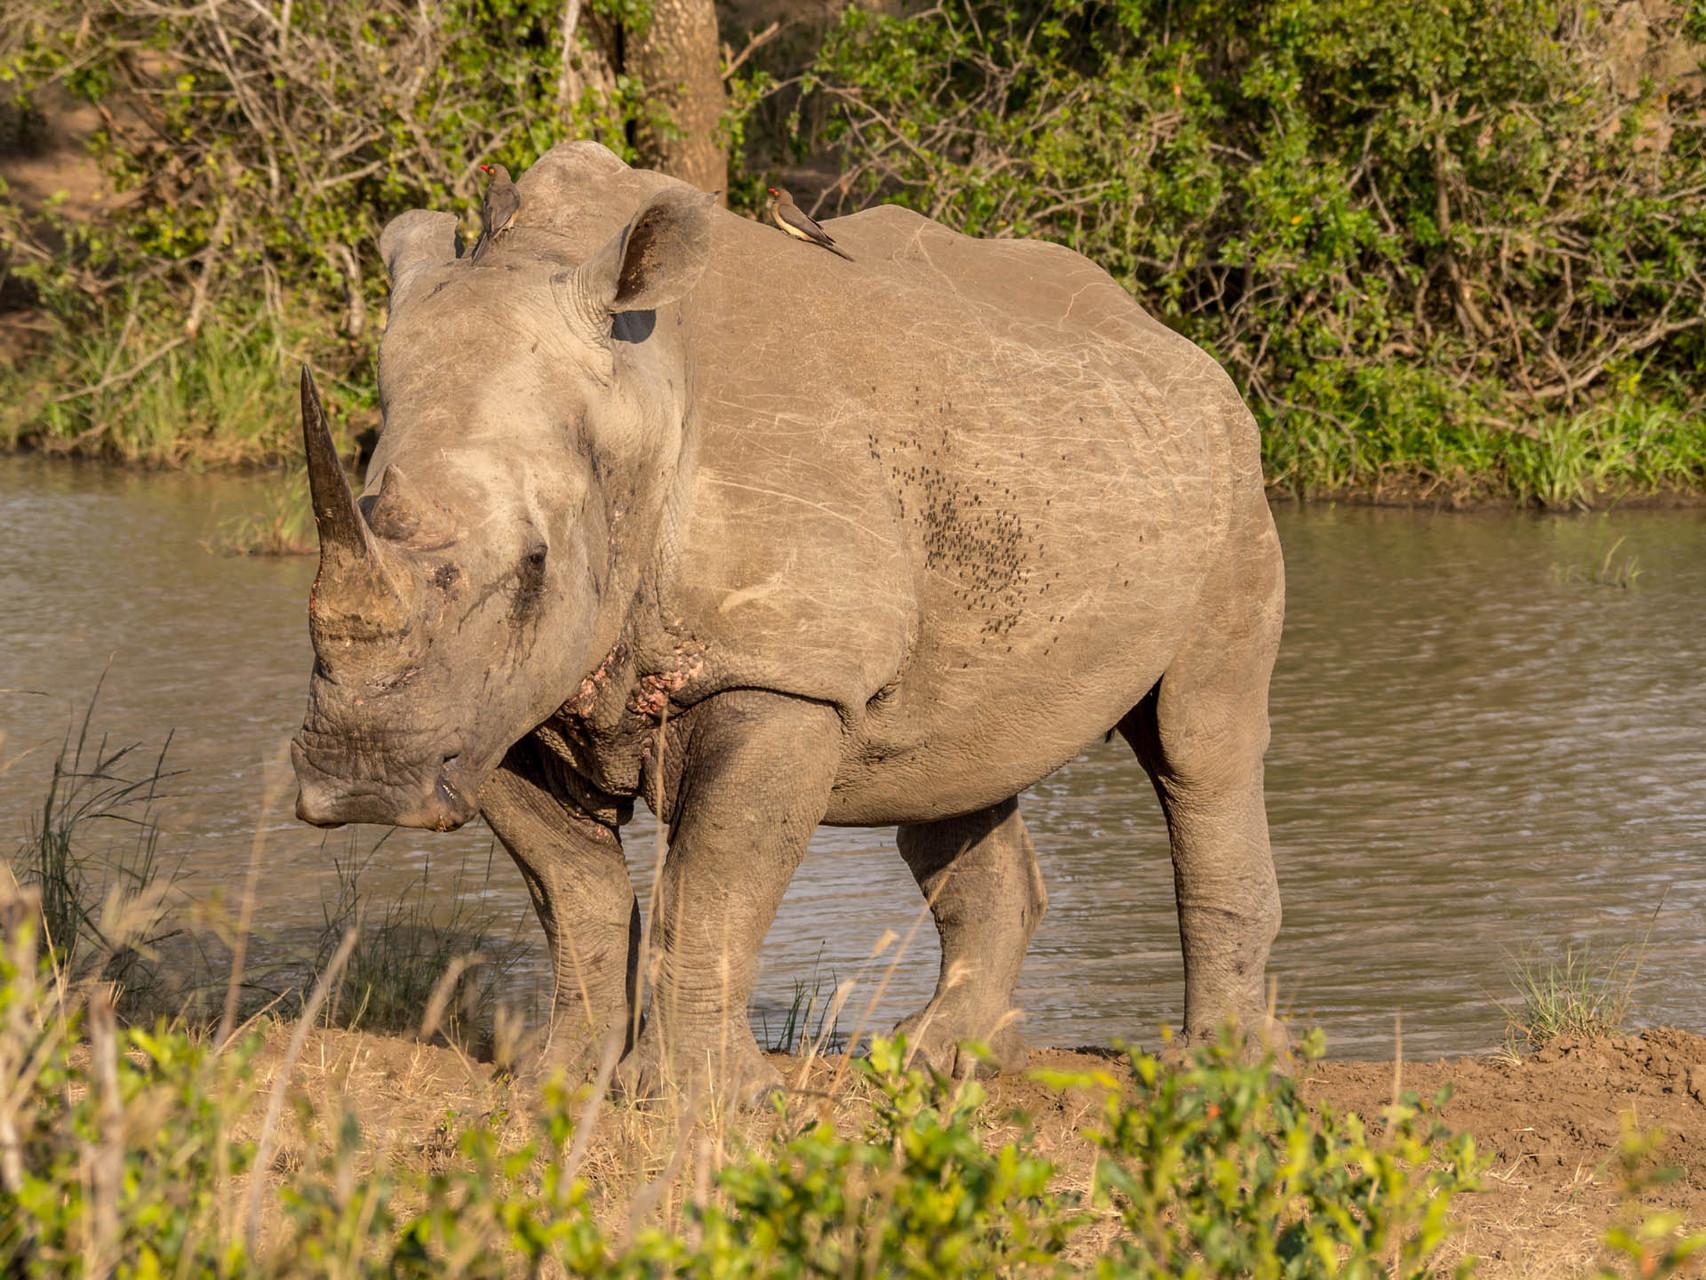 Rhino [Hluhluwe-iMfolozi-Park, South Africa, 2015]